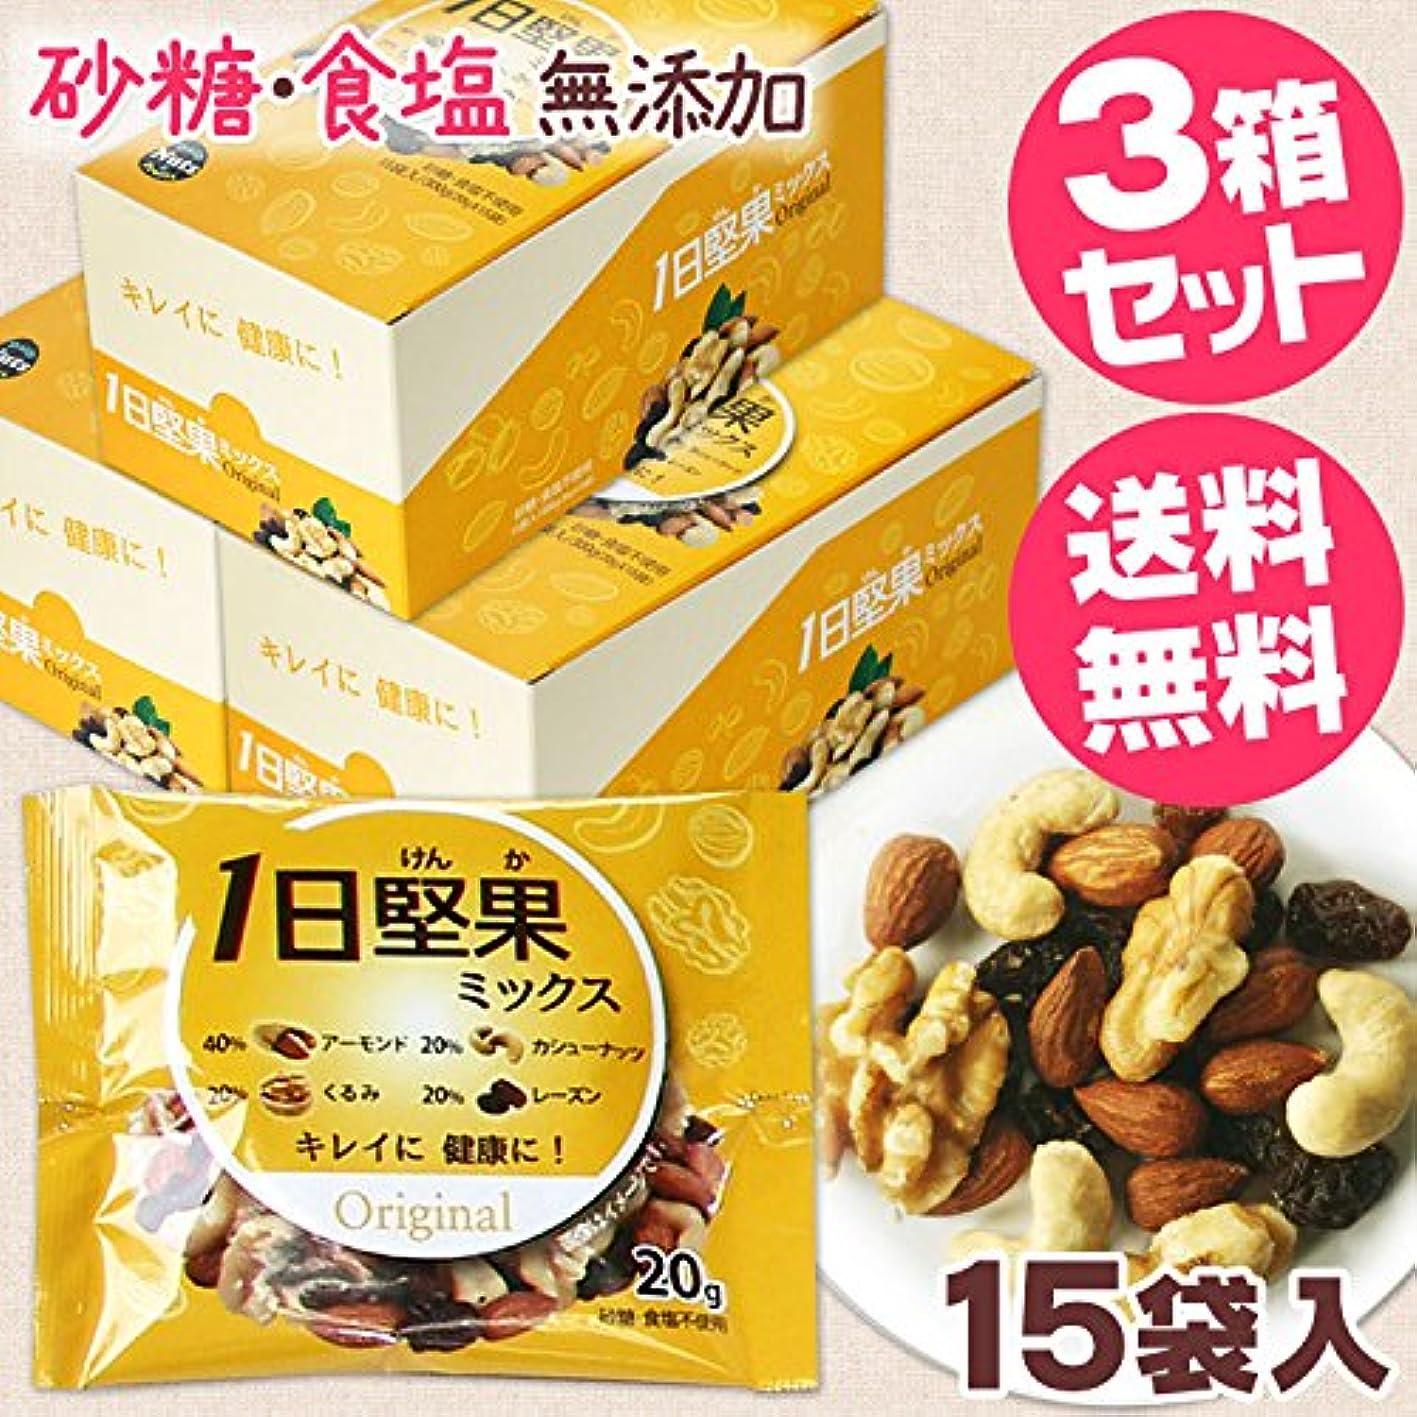 固体苦しめる一目1日堅果ミックス オリジナル [15袋]◆3箱セット